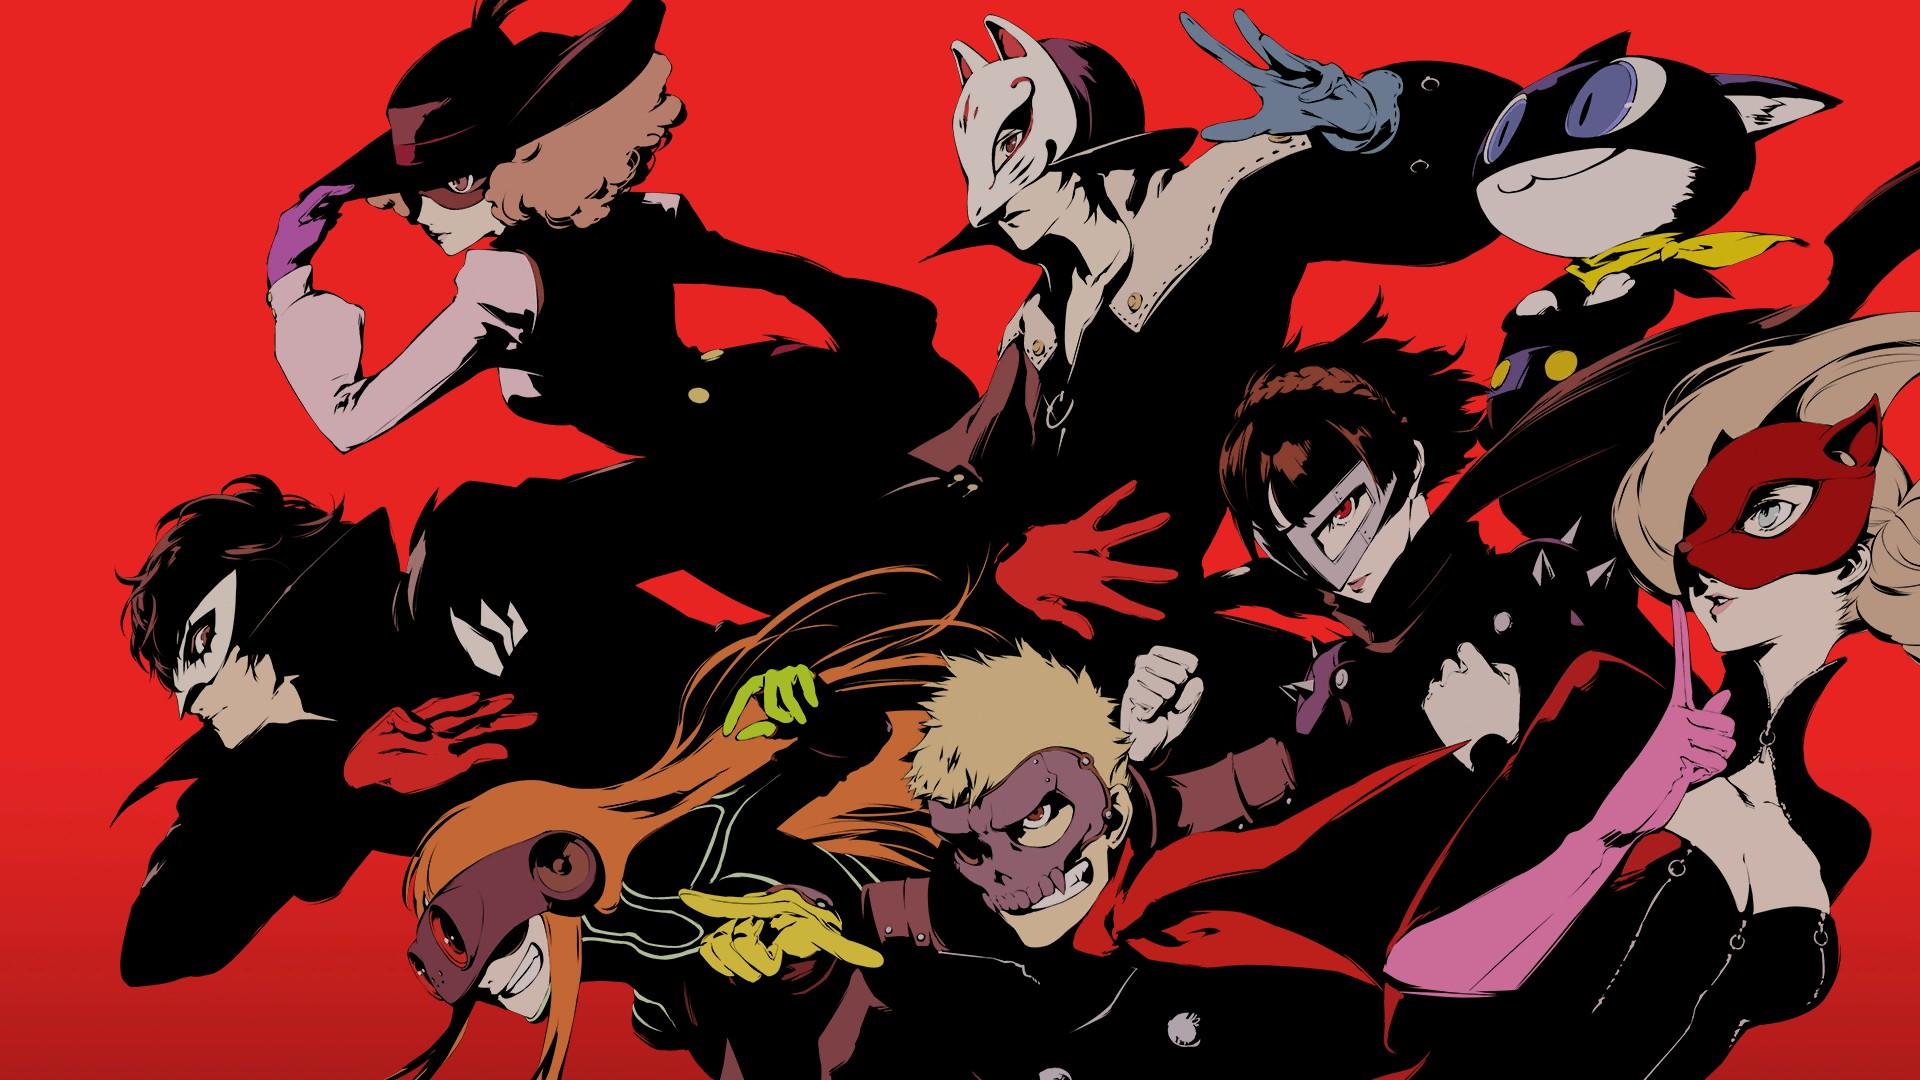 Wallpaper : 1920x1080 Px, Persona 5, Persona Series